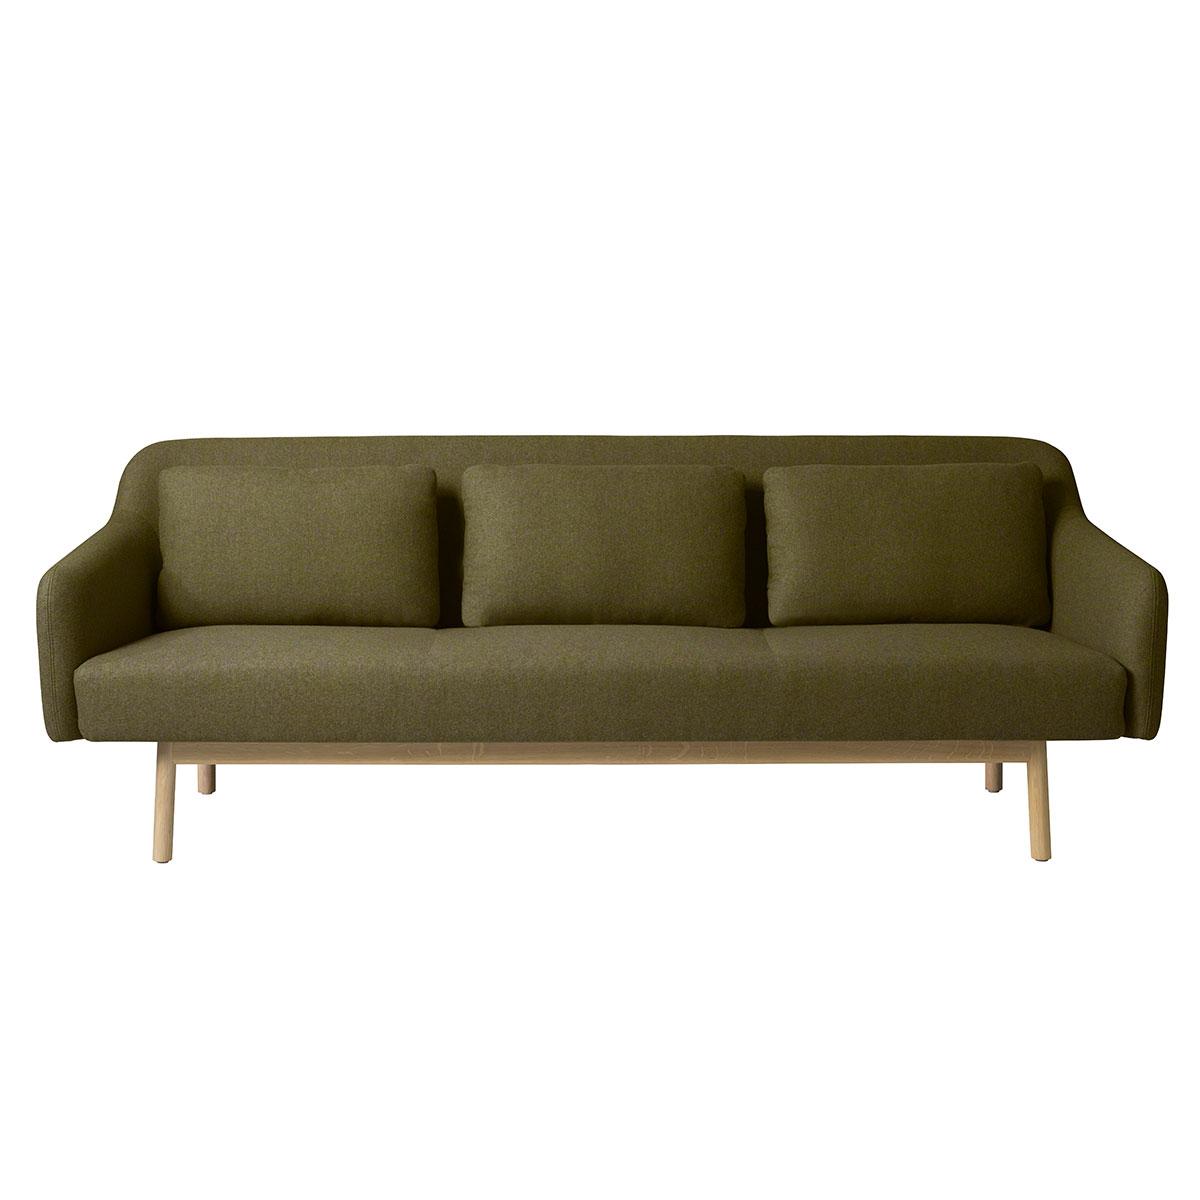 Ungdommelige Gesja L34 sofa(grønt uldstof) - FDB Sofagrupper - FDB Møbler XU74